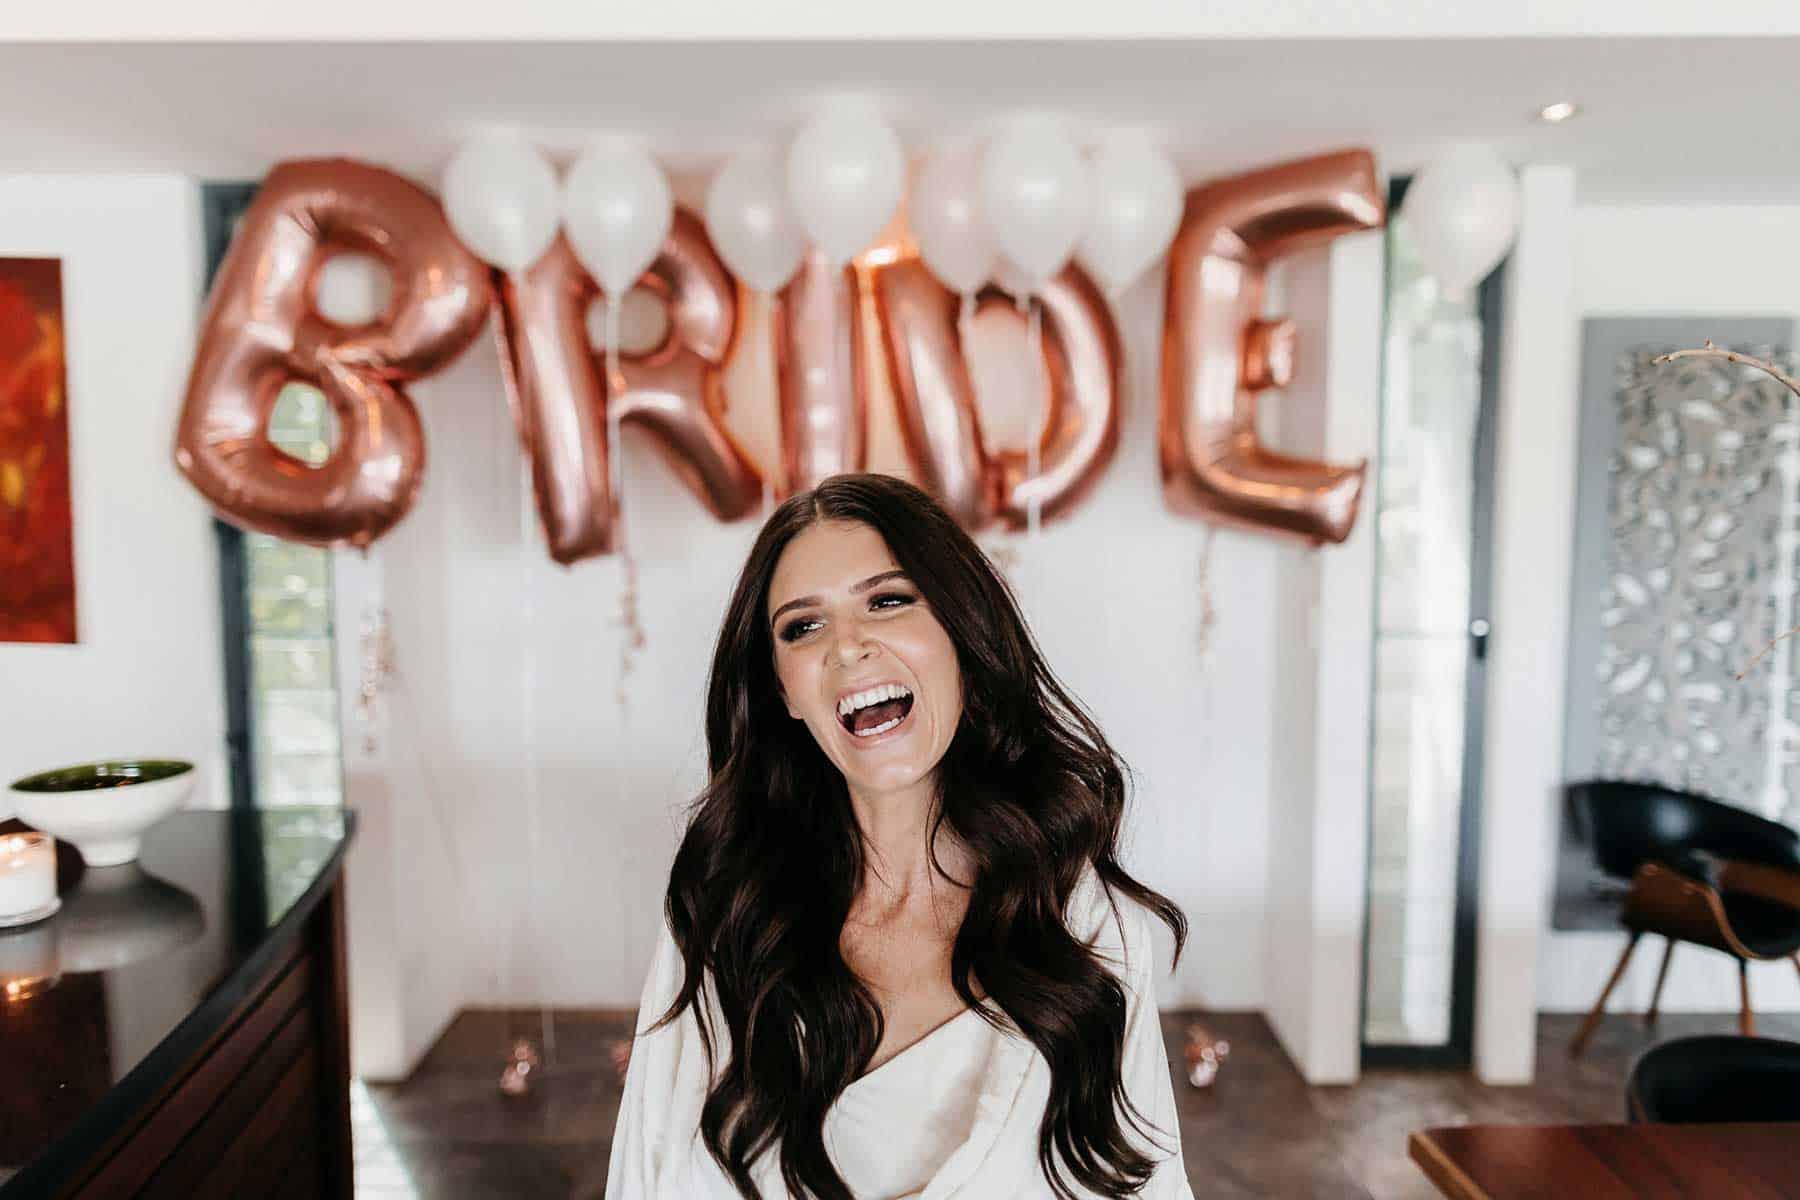 bride letter balloons